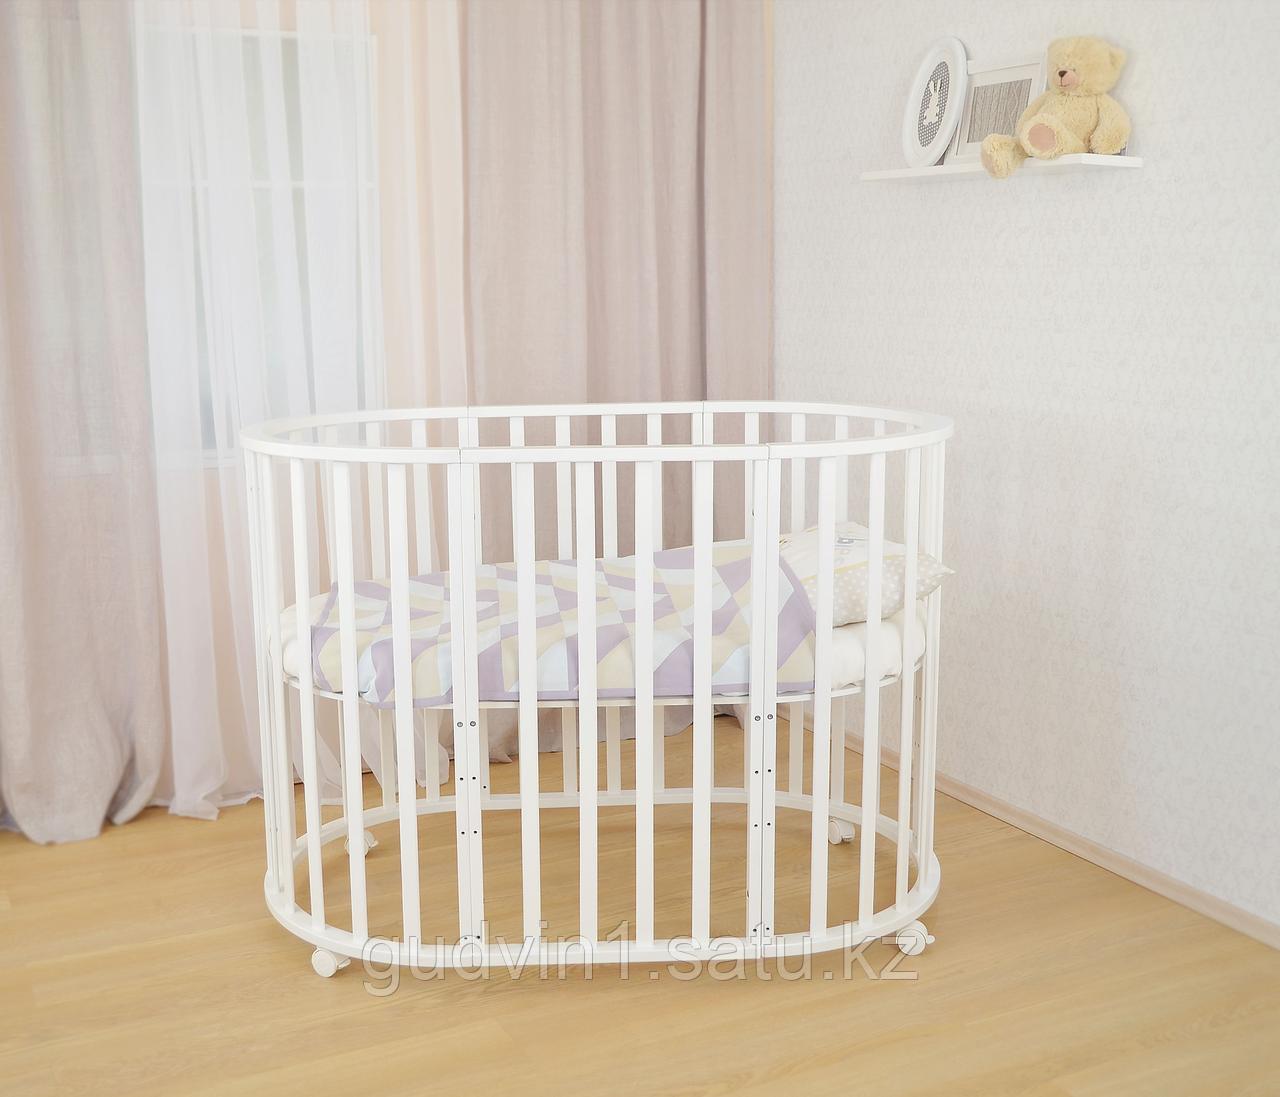 Кроватка универсальная СКВ СКВ-10 белая